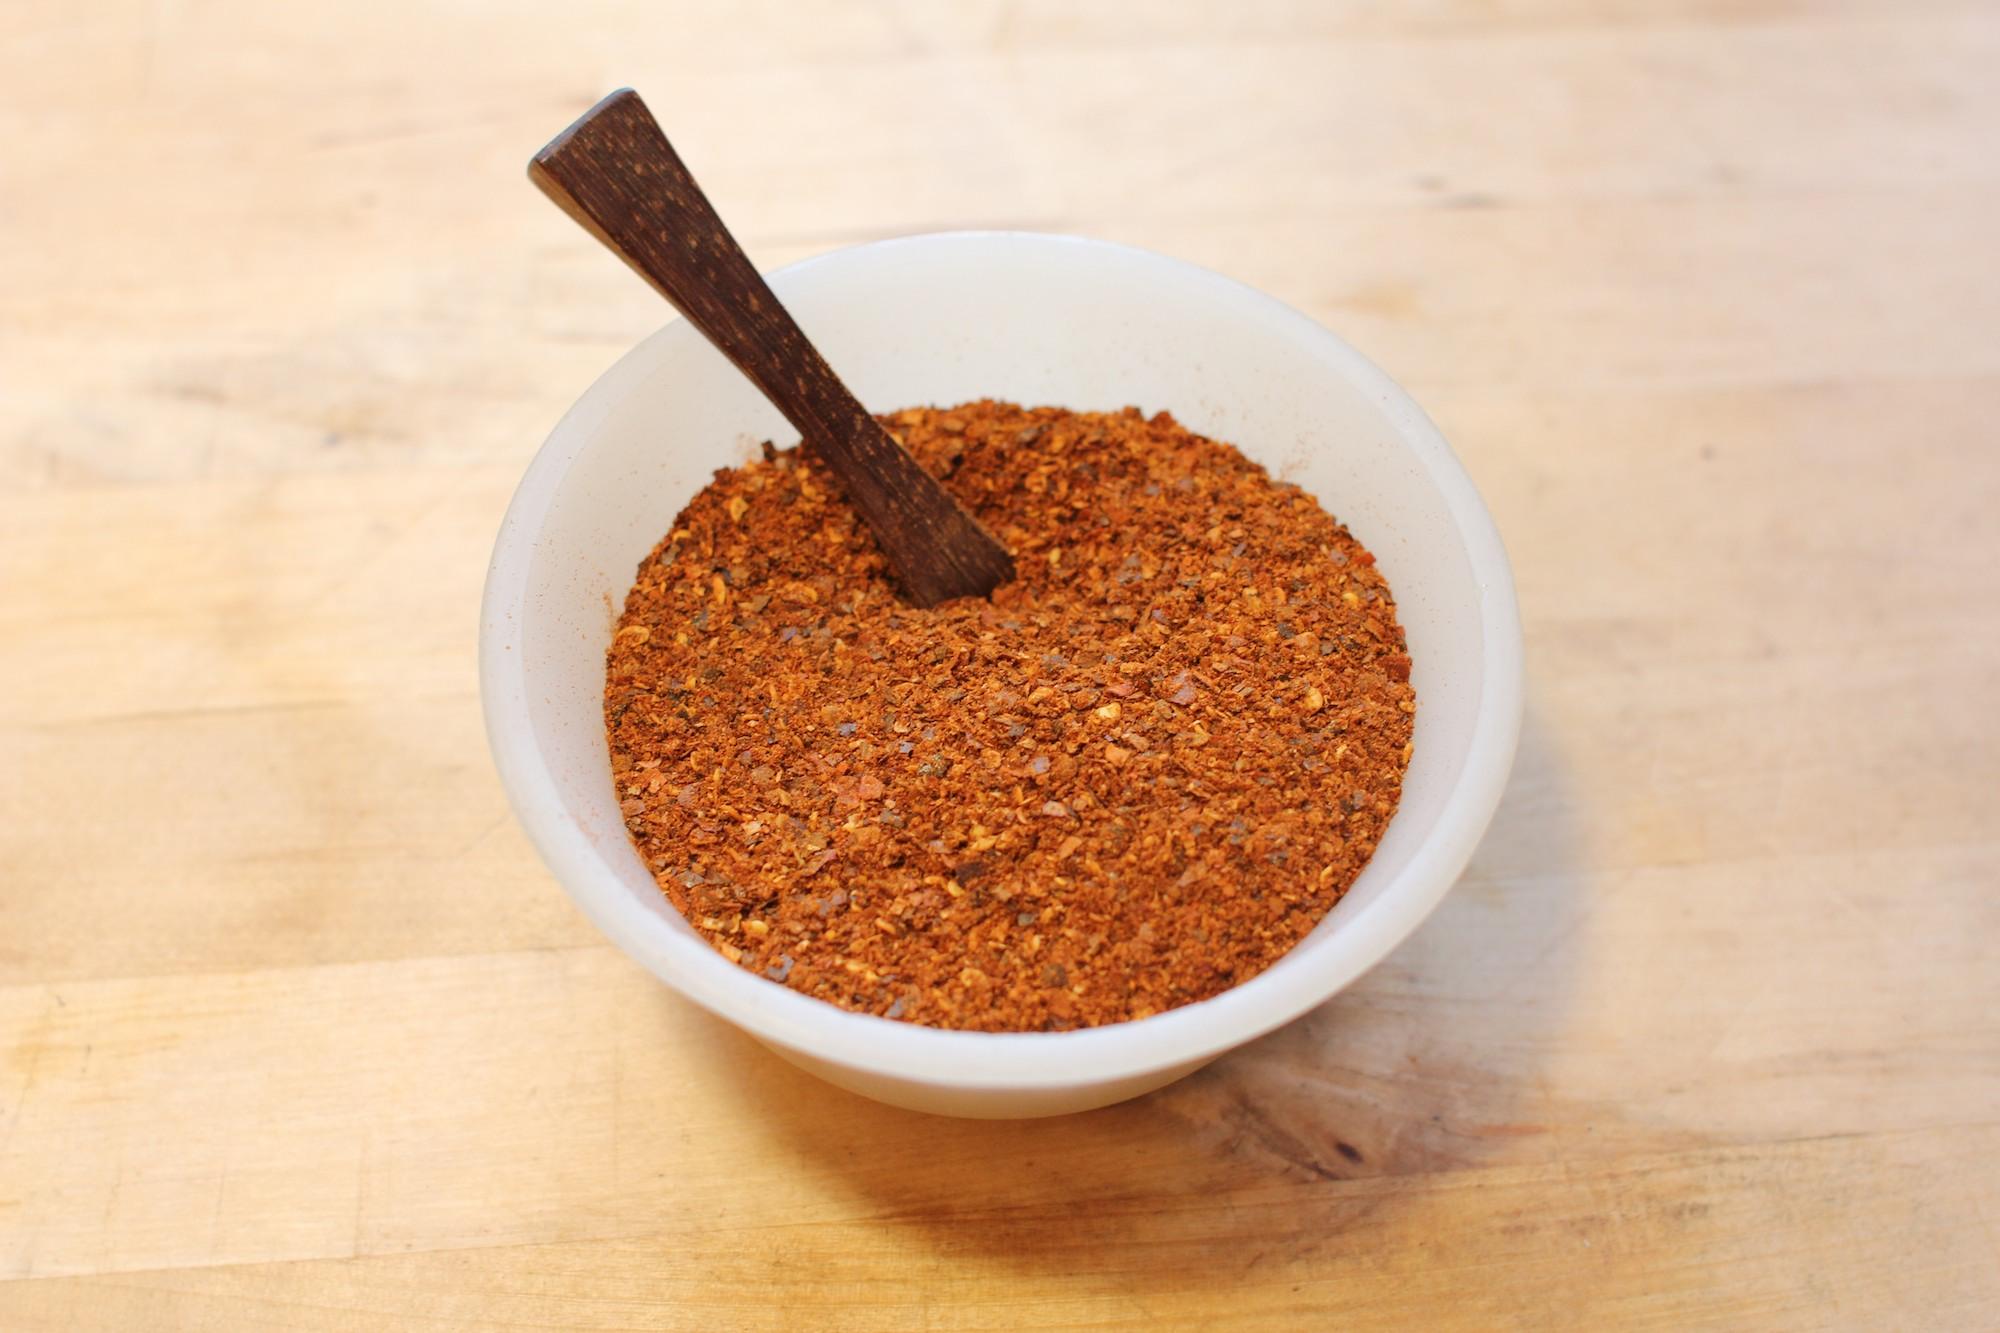 Toasted Chili Powder